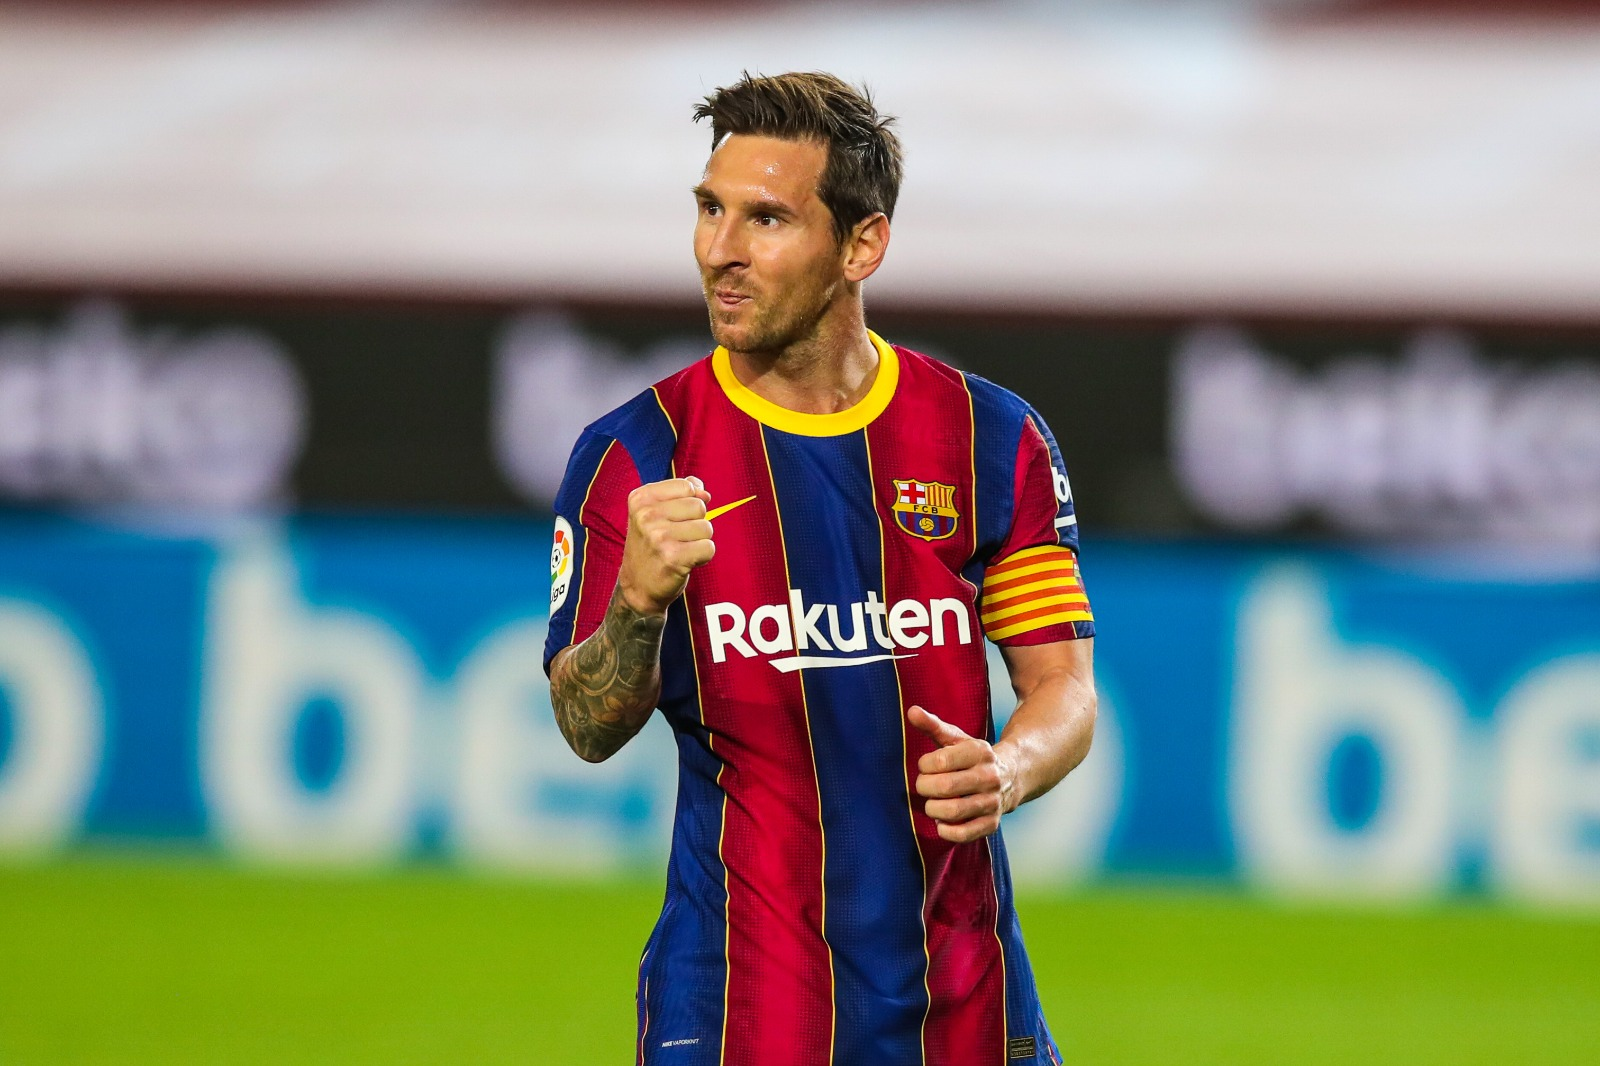 أخبار برشلونة   ميسي يعود للأرجنتين ويوجه رسالة بعد تخطي رقم بيليه    Goal.com